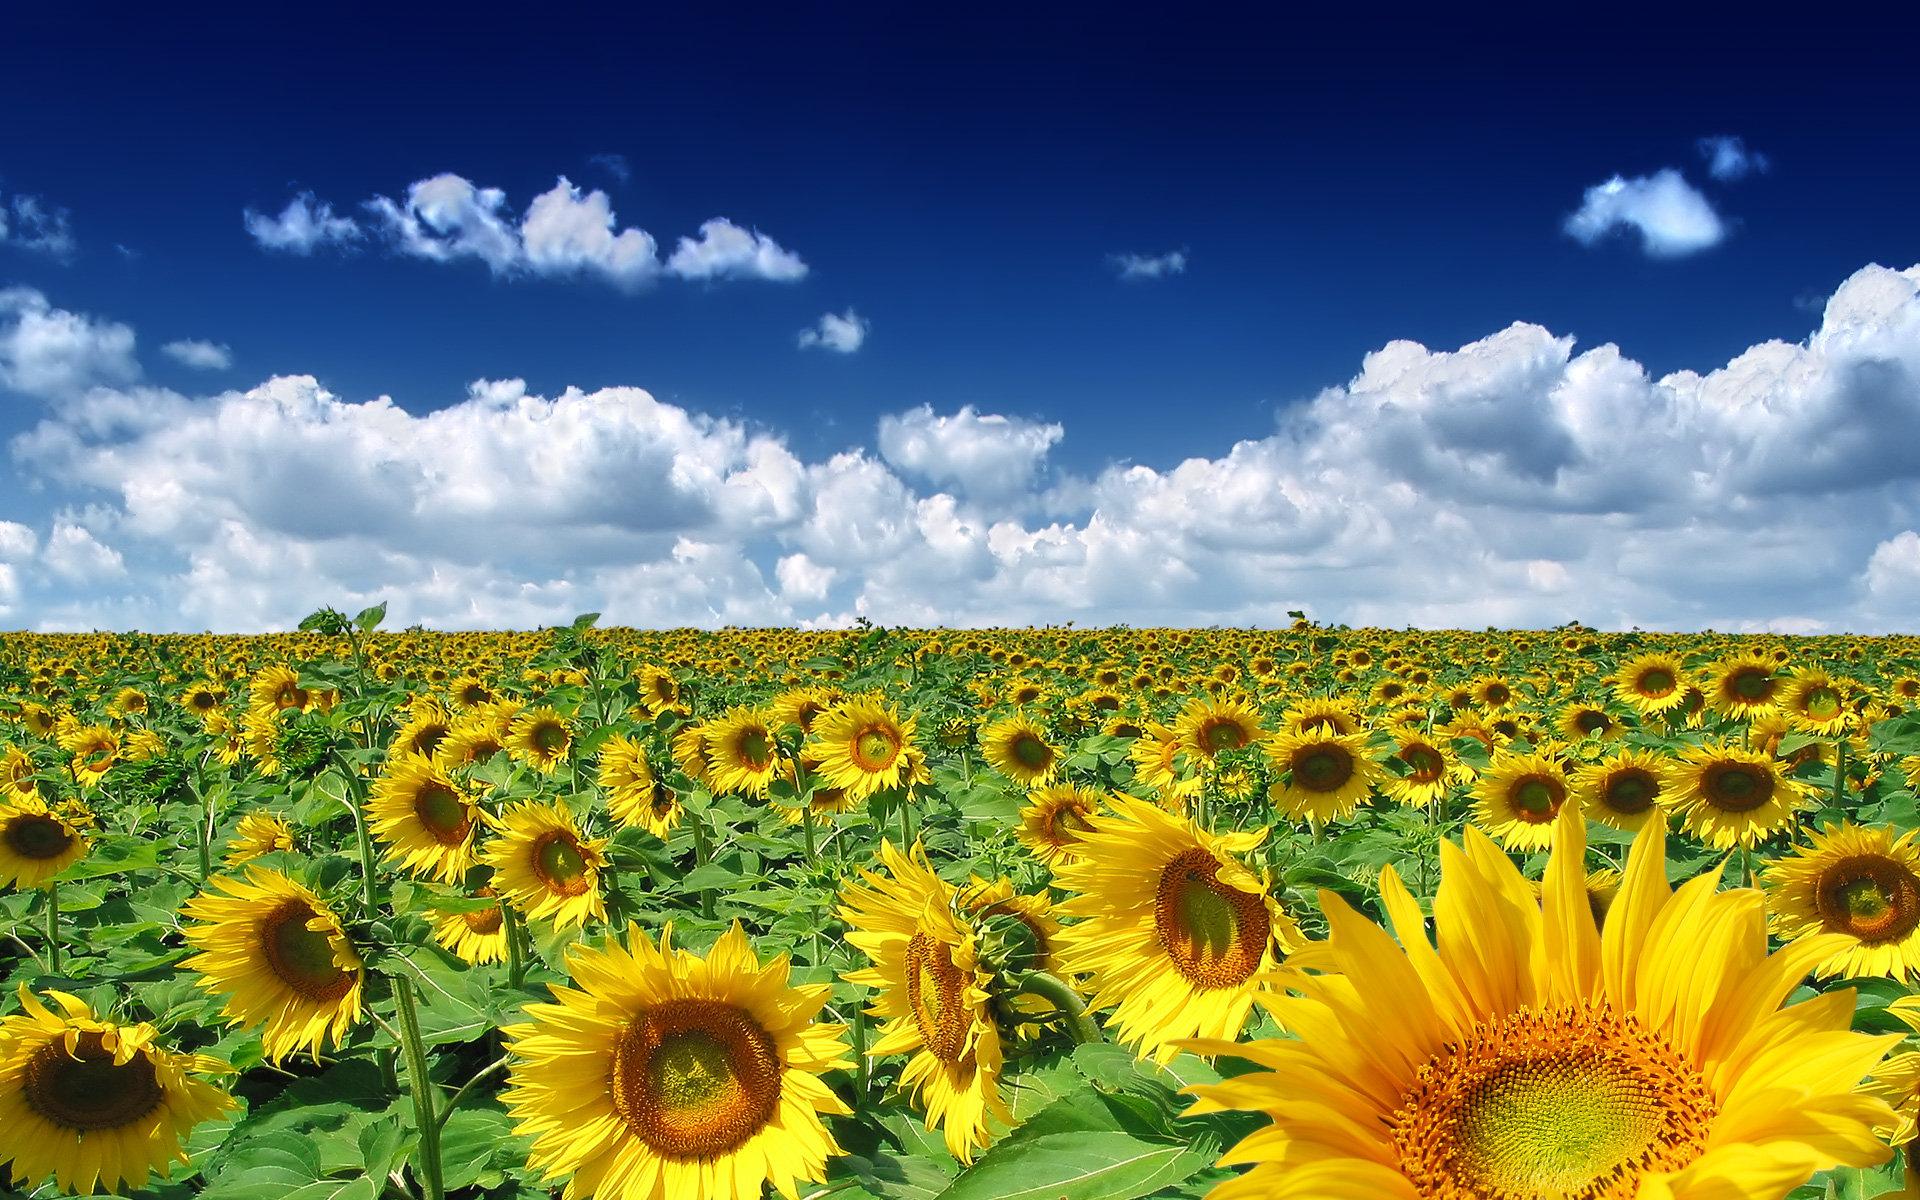 лето, небо, подсолнухи, скачать фото, облака